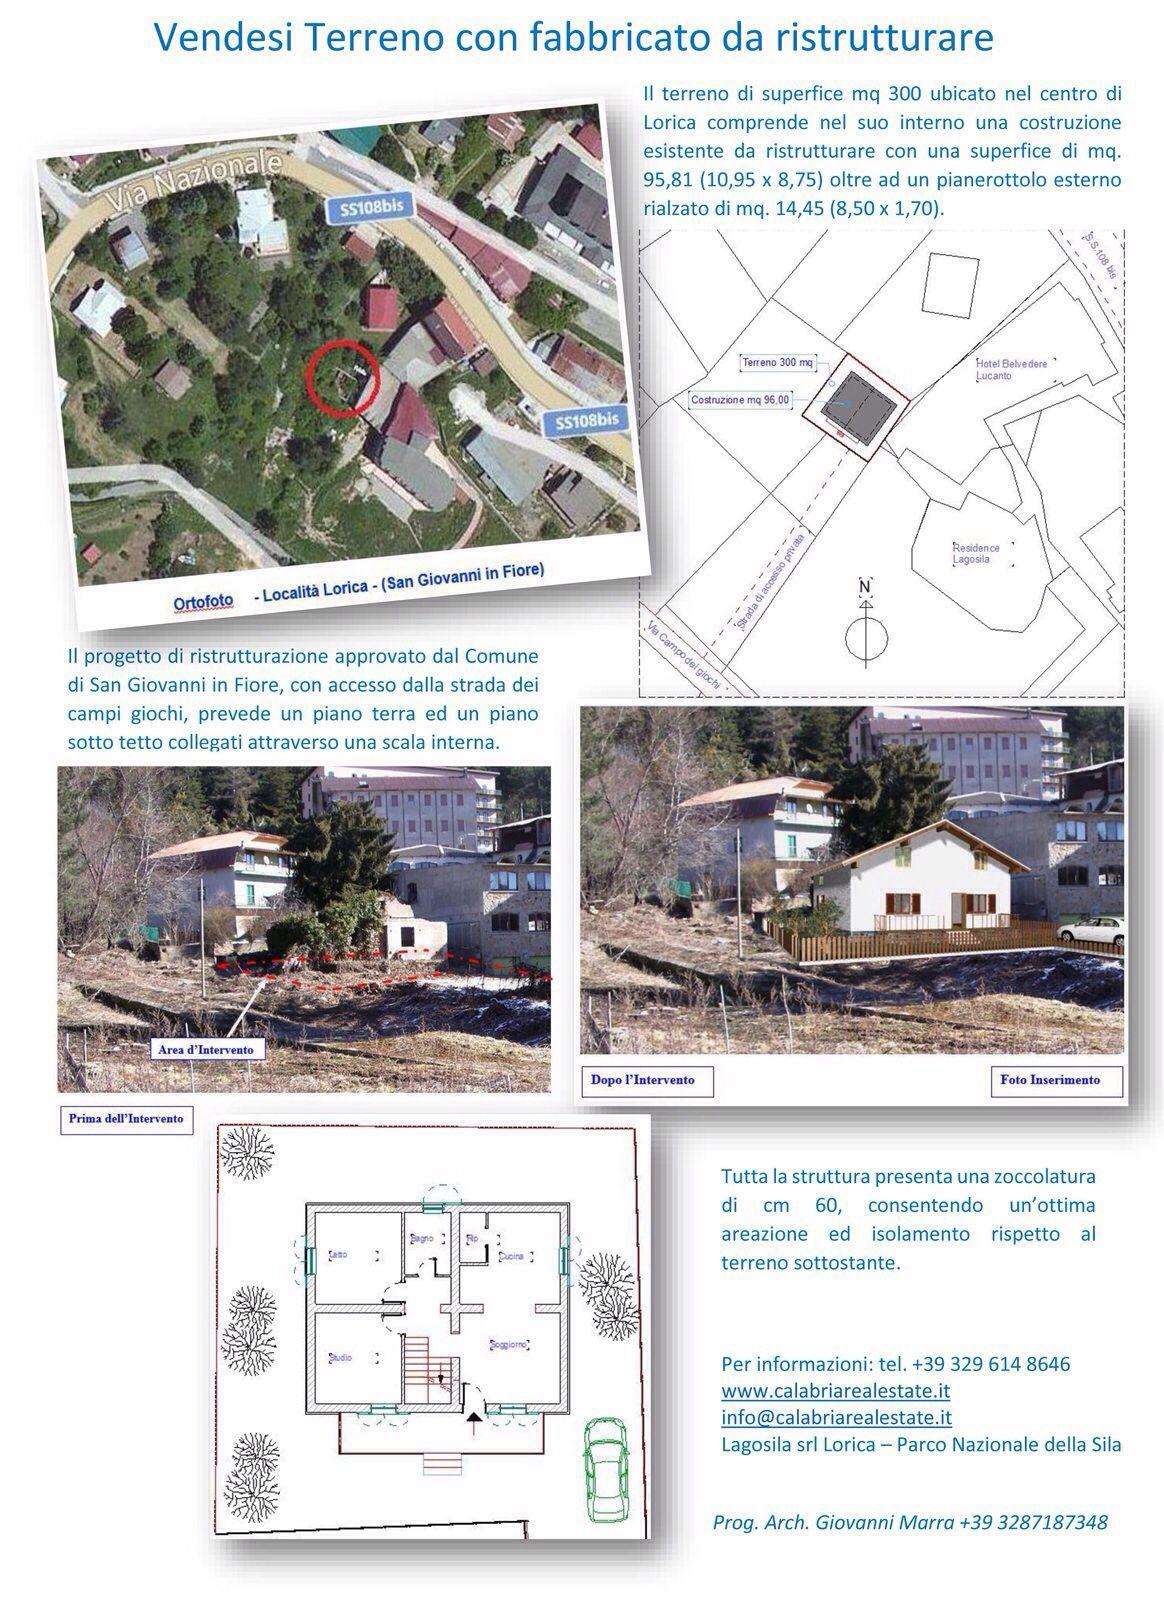 Vendita terreno a Lorica